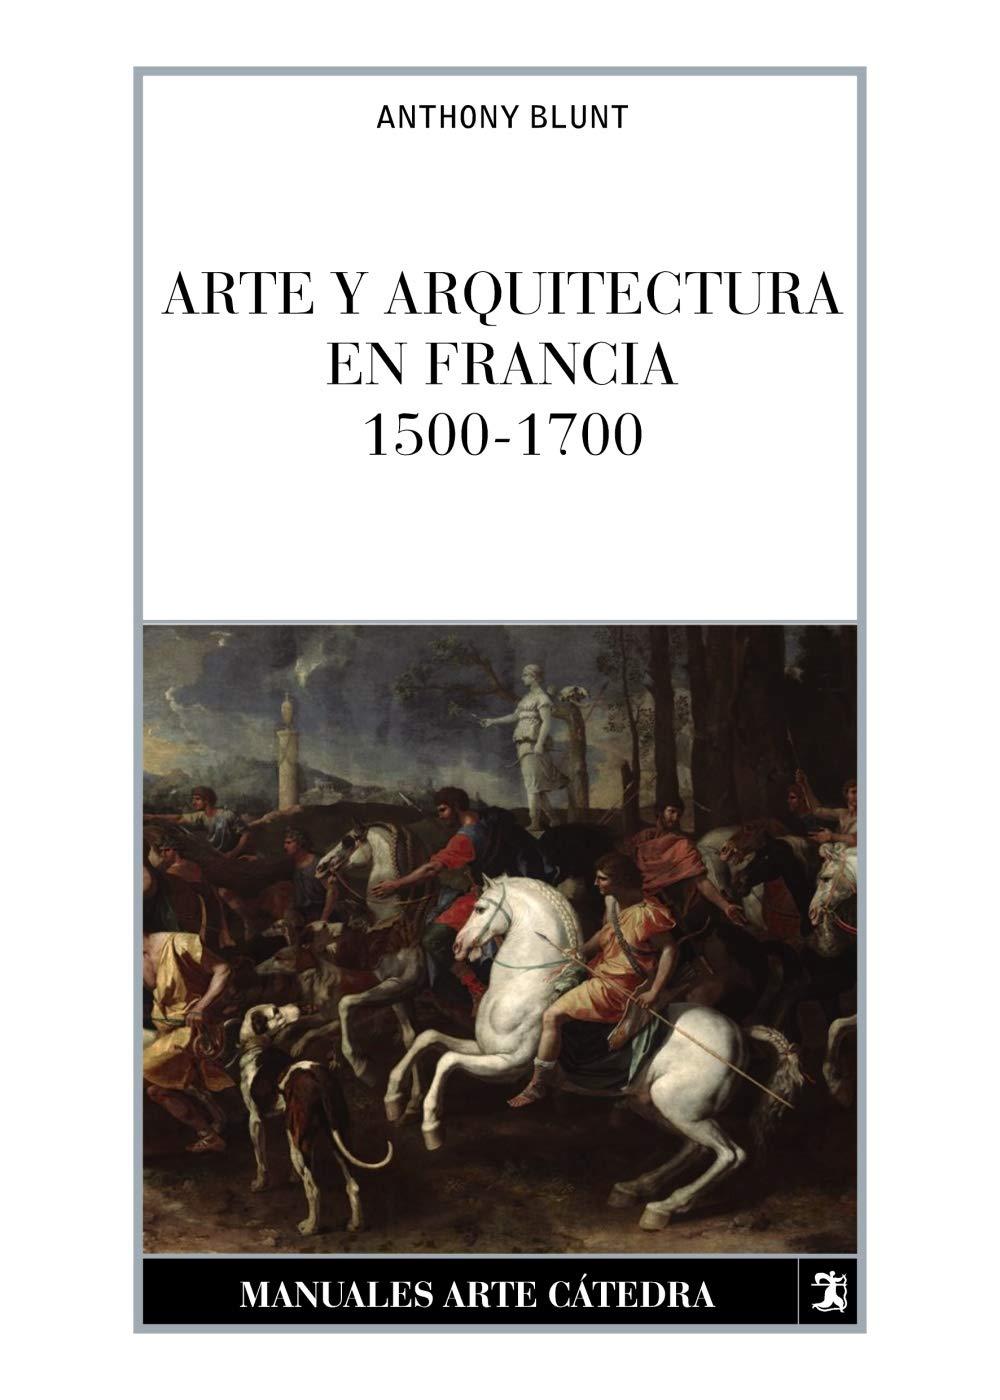 Arte y arquitectura en Francia, 1500-1700 Manuales Arte Cátedra: Amazon.es: Blunt, Anthony: Libros